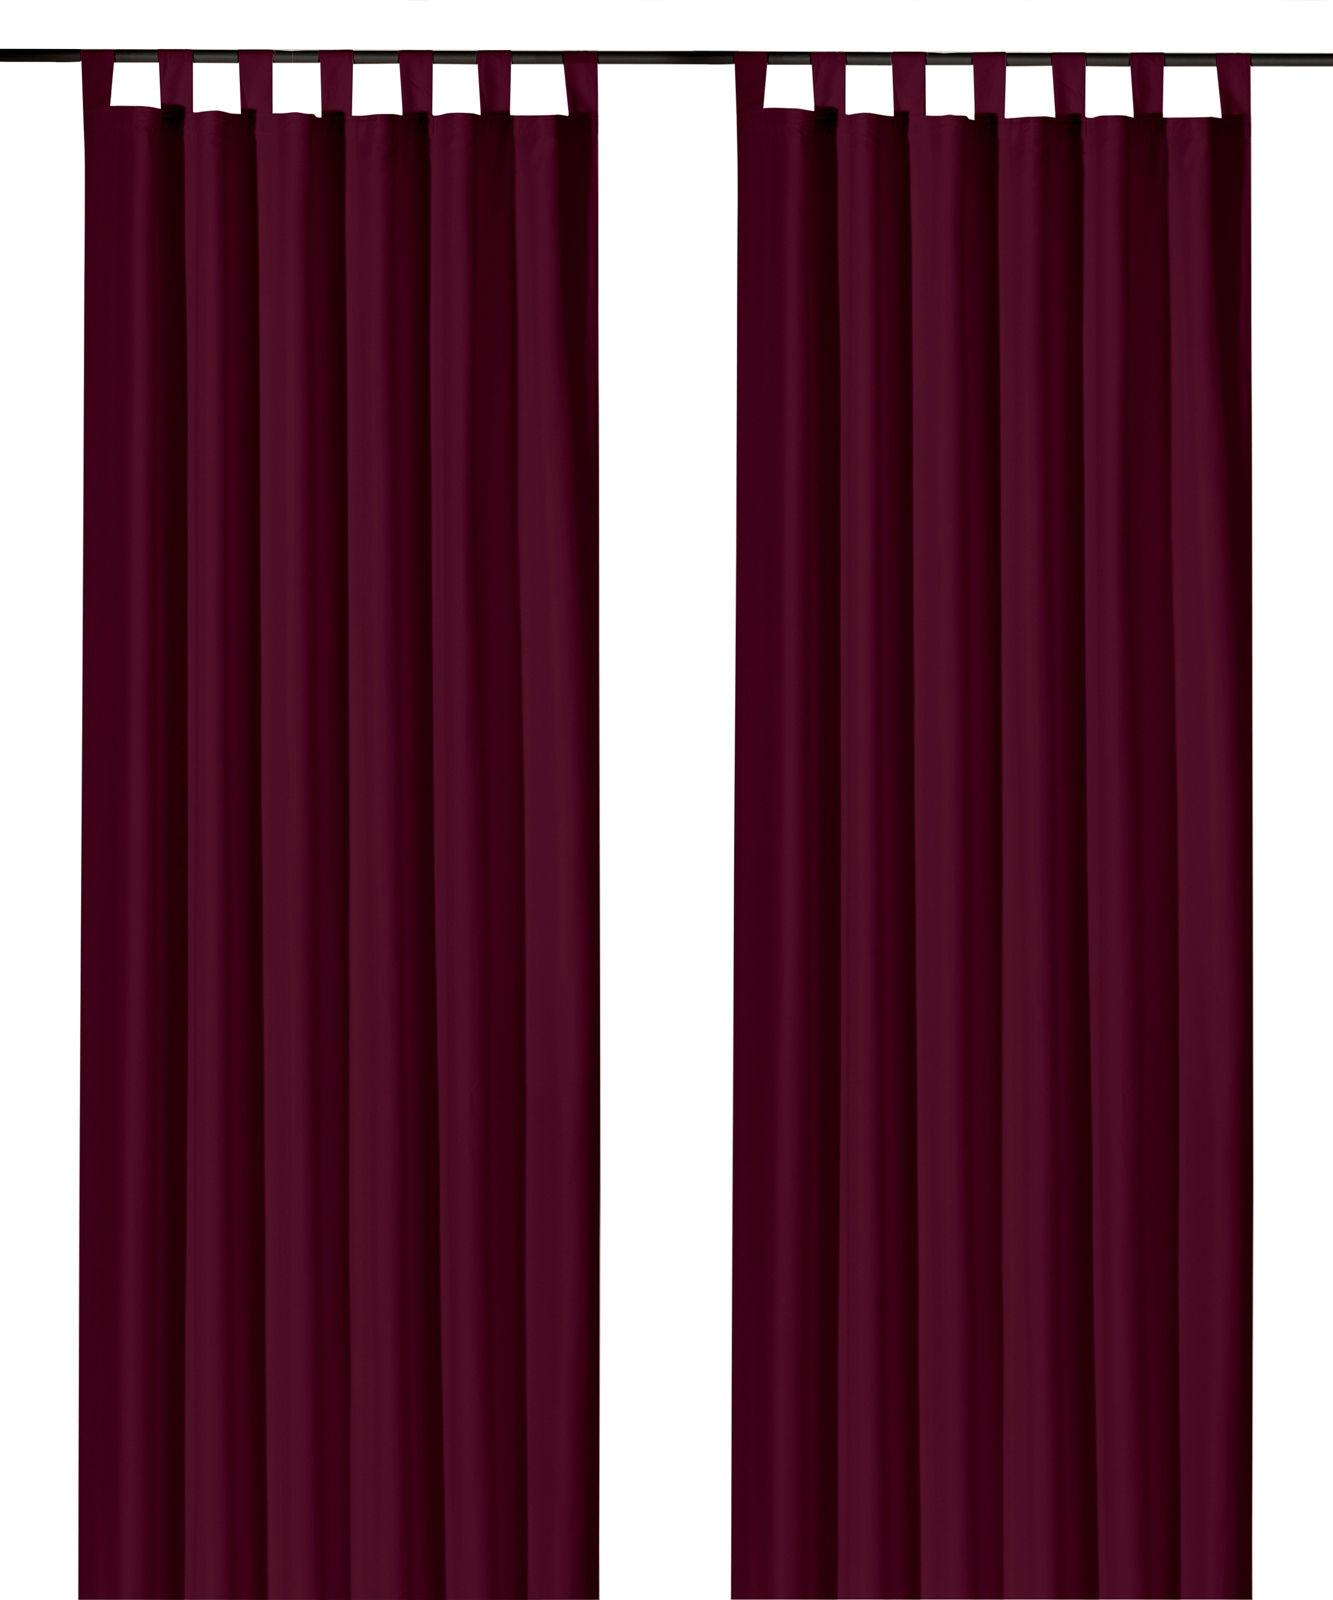 Schlaufenschal-inkl-Kraeuselband-blickdicht-Gardine-Vorhang-Dekoschal-Uni-Typ117 Indexbild 18